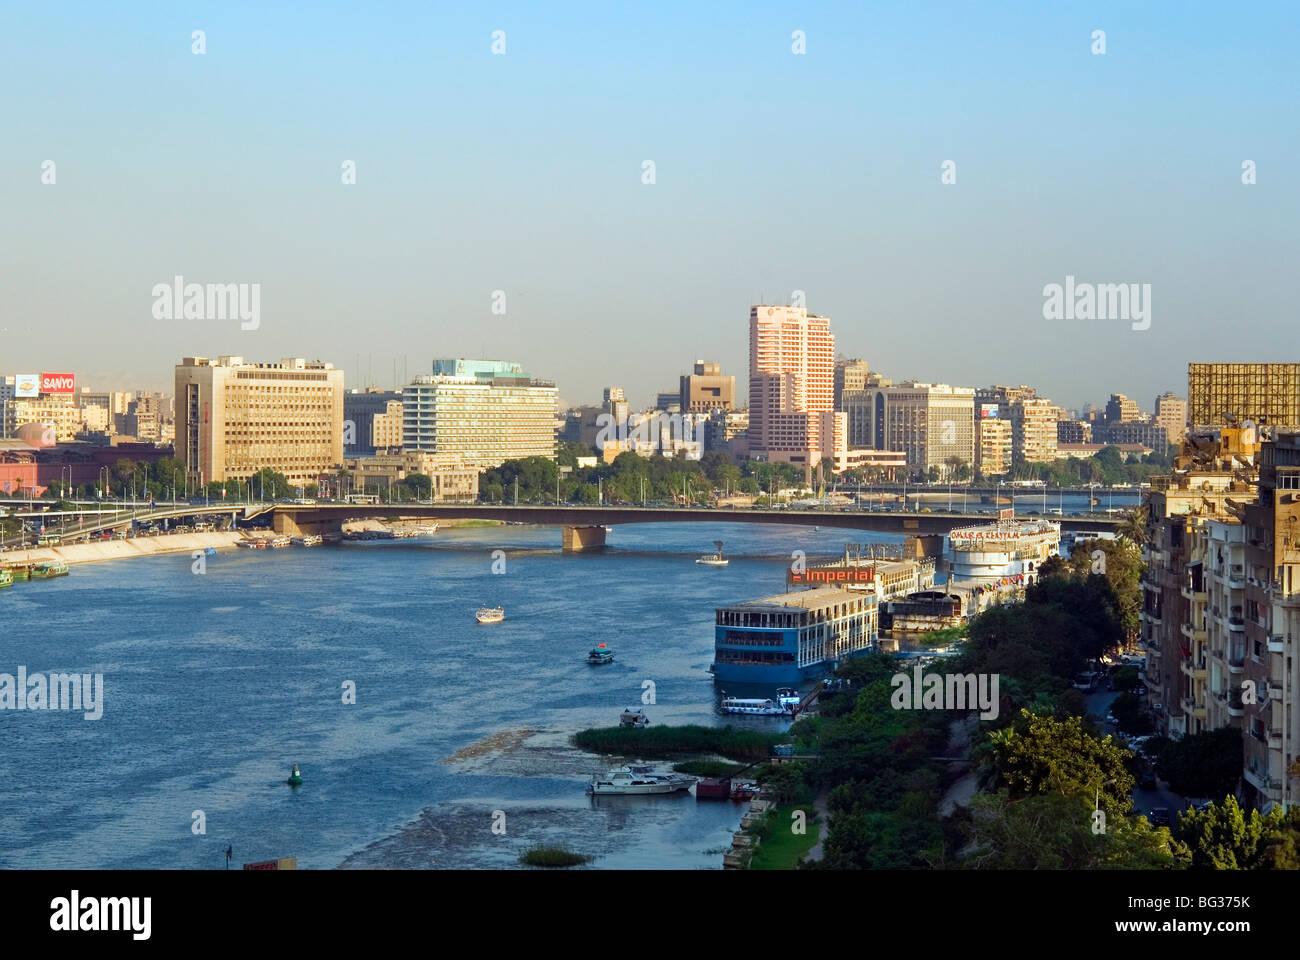 Corniche El Nil, Nil, Le Caire, Egypte, Afrique du Nord, Afrique Photo Stock